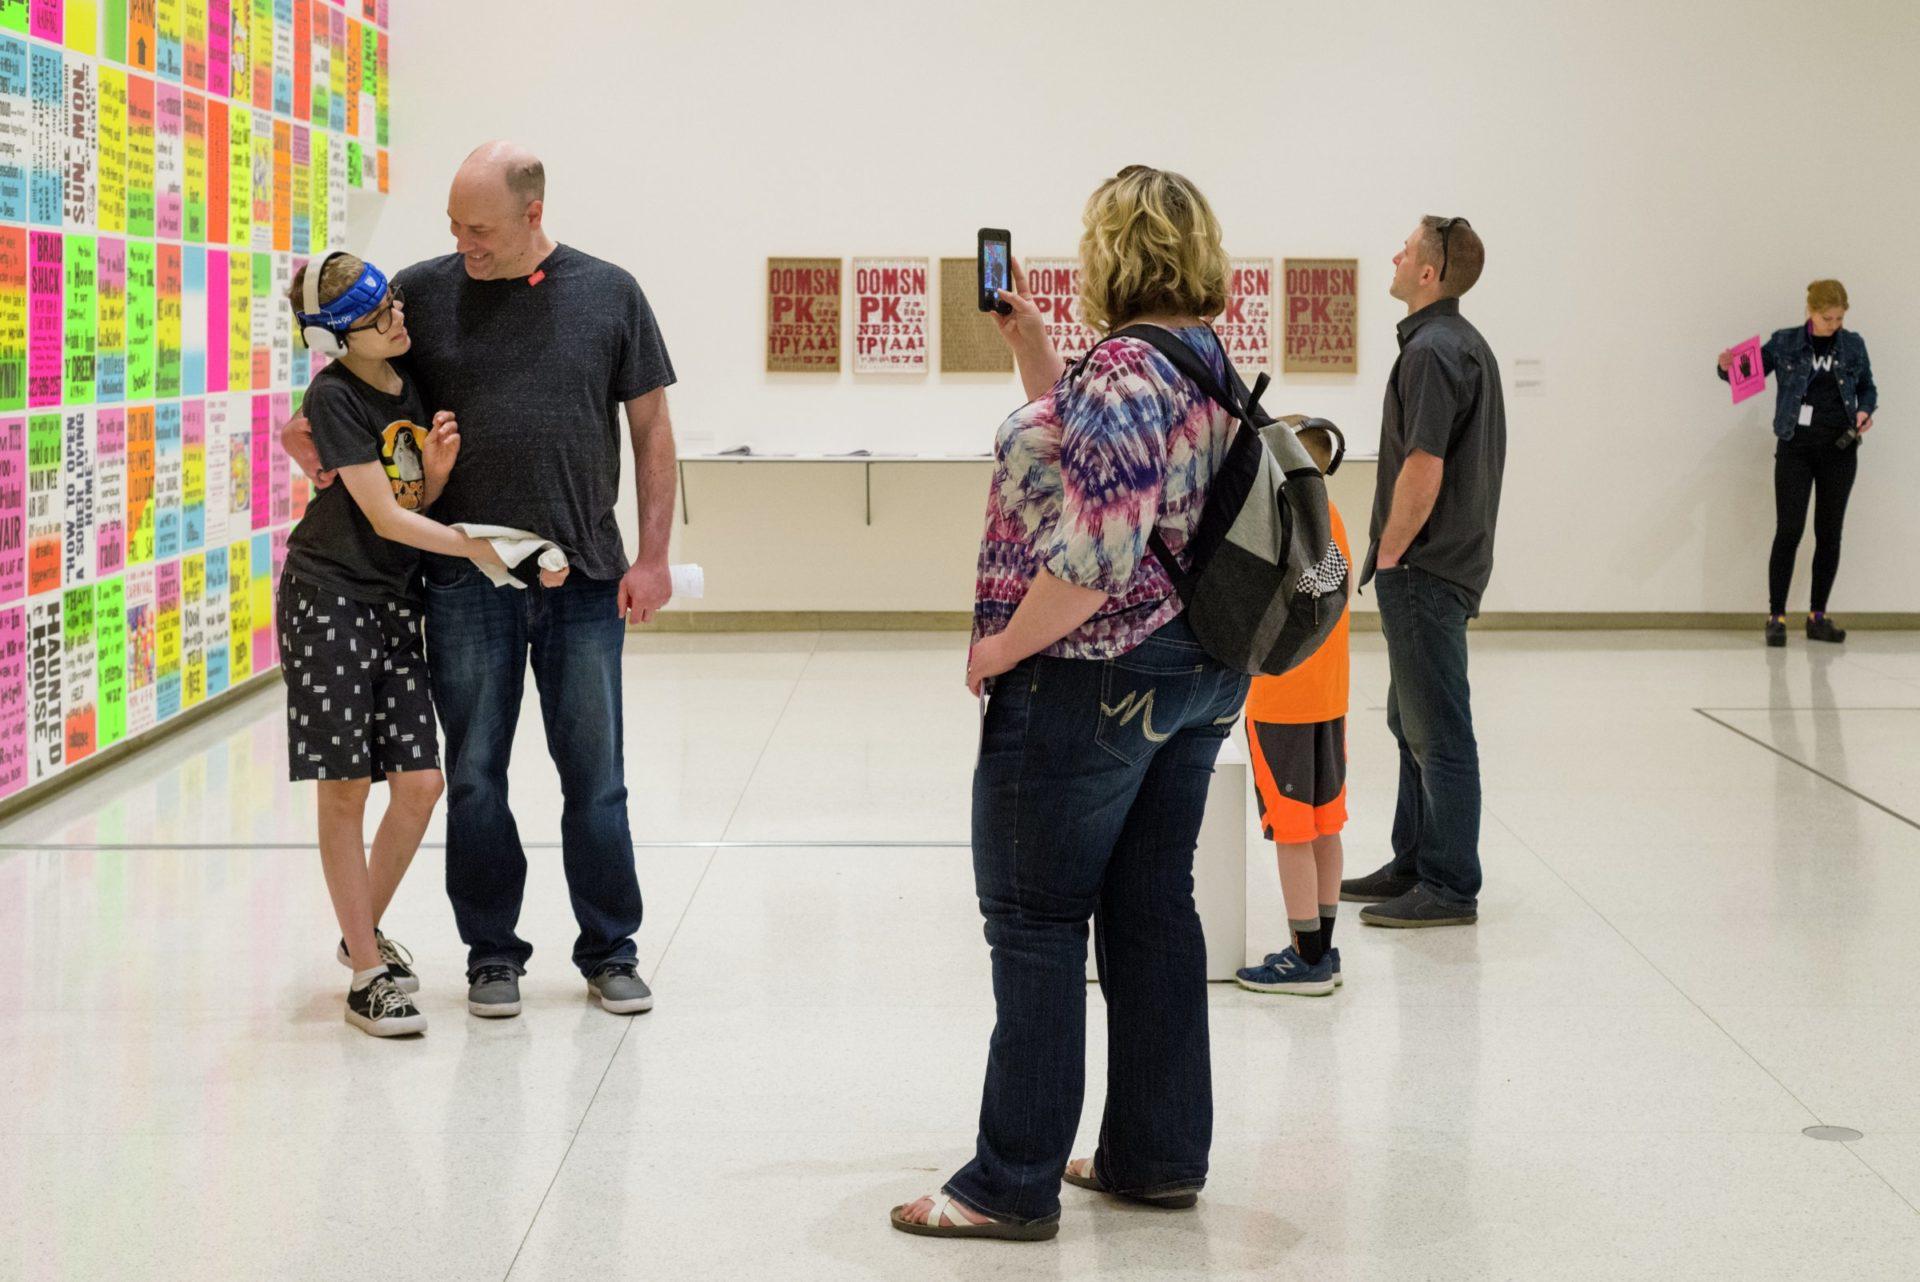 沃克藝術中心的「感覺友善日」令更多觀眾可自在享受美術館時光 (攝影: Galen Fletcher, Walker Art Center)